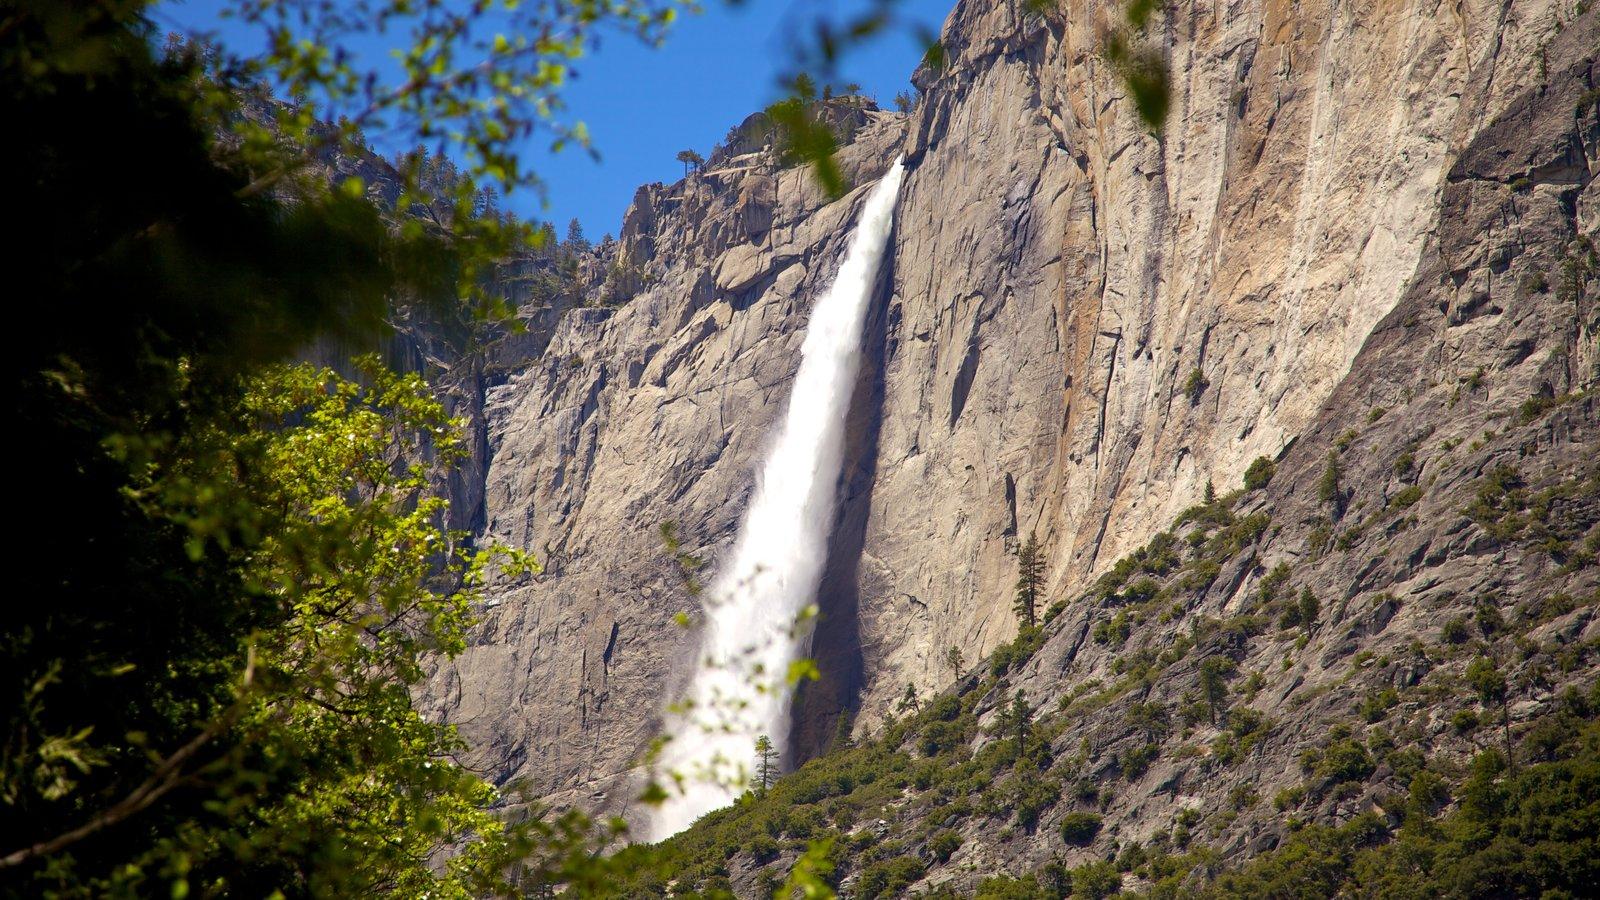 Parque Nacional Yosemite que incluye una catarata y montañas